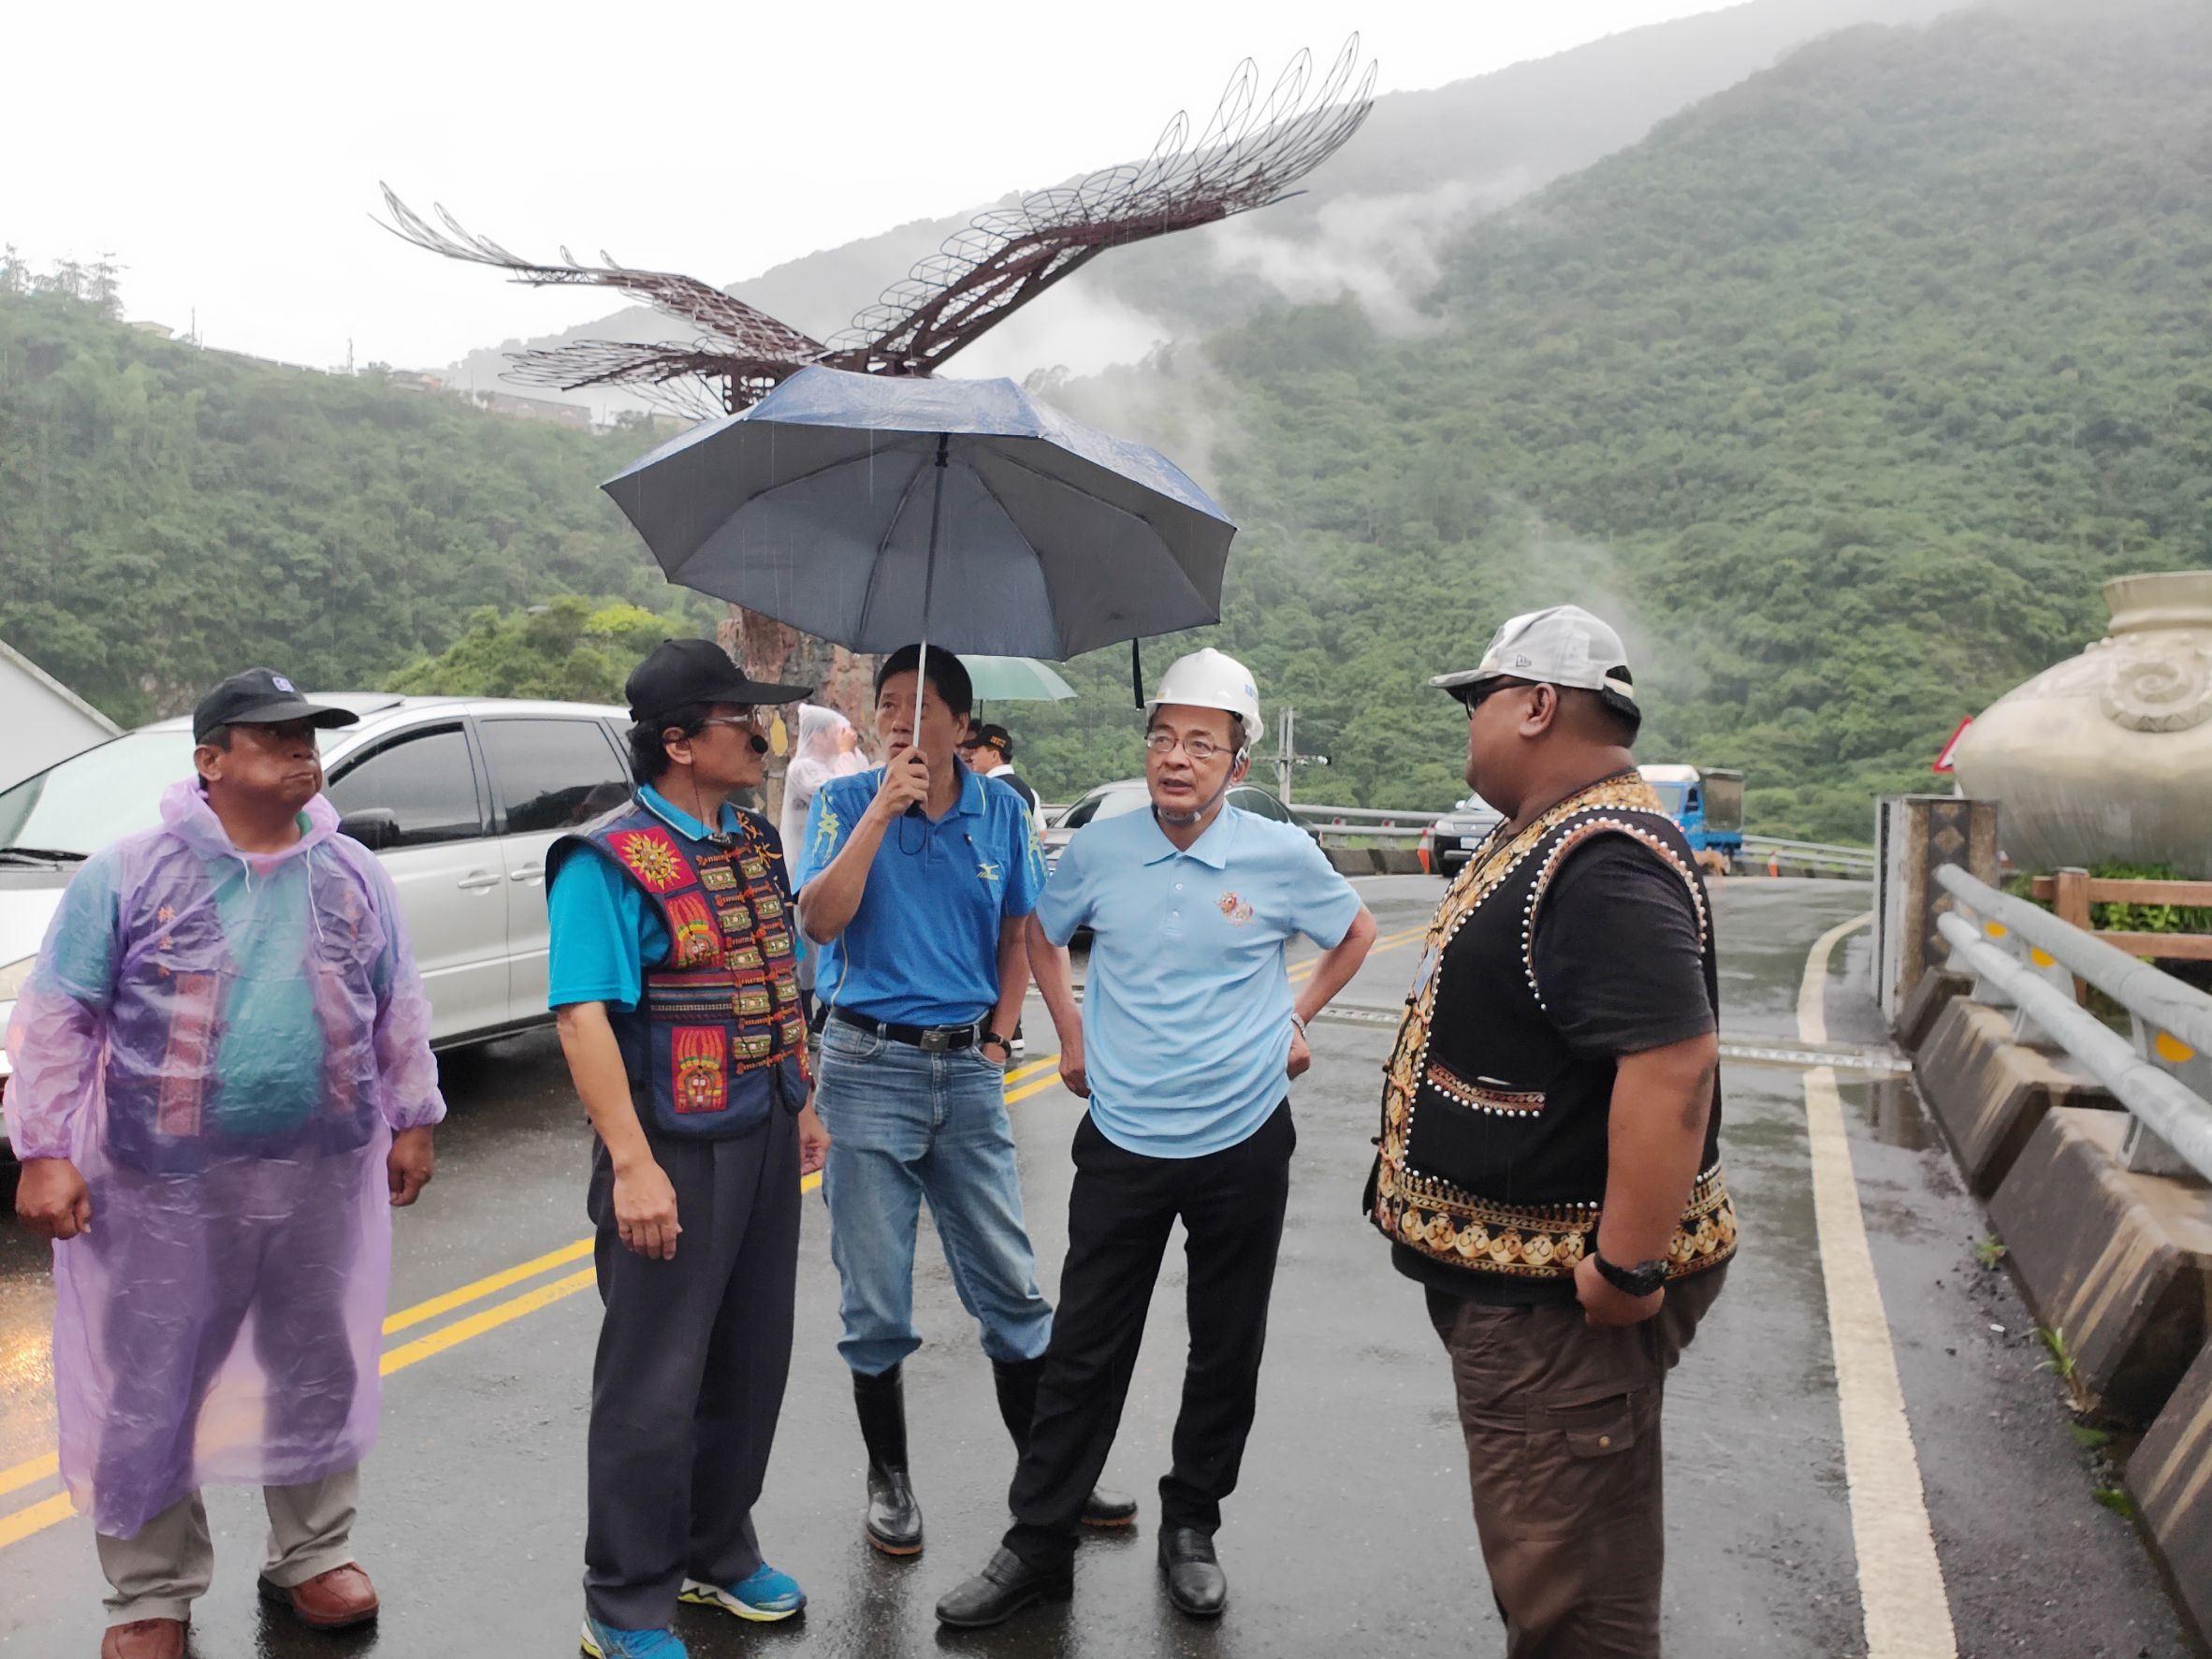 副市長洪東煒(右二)、潘參事(右三)與茂林區宋區長及地方代表勘查該區基本工程設施.jpg